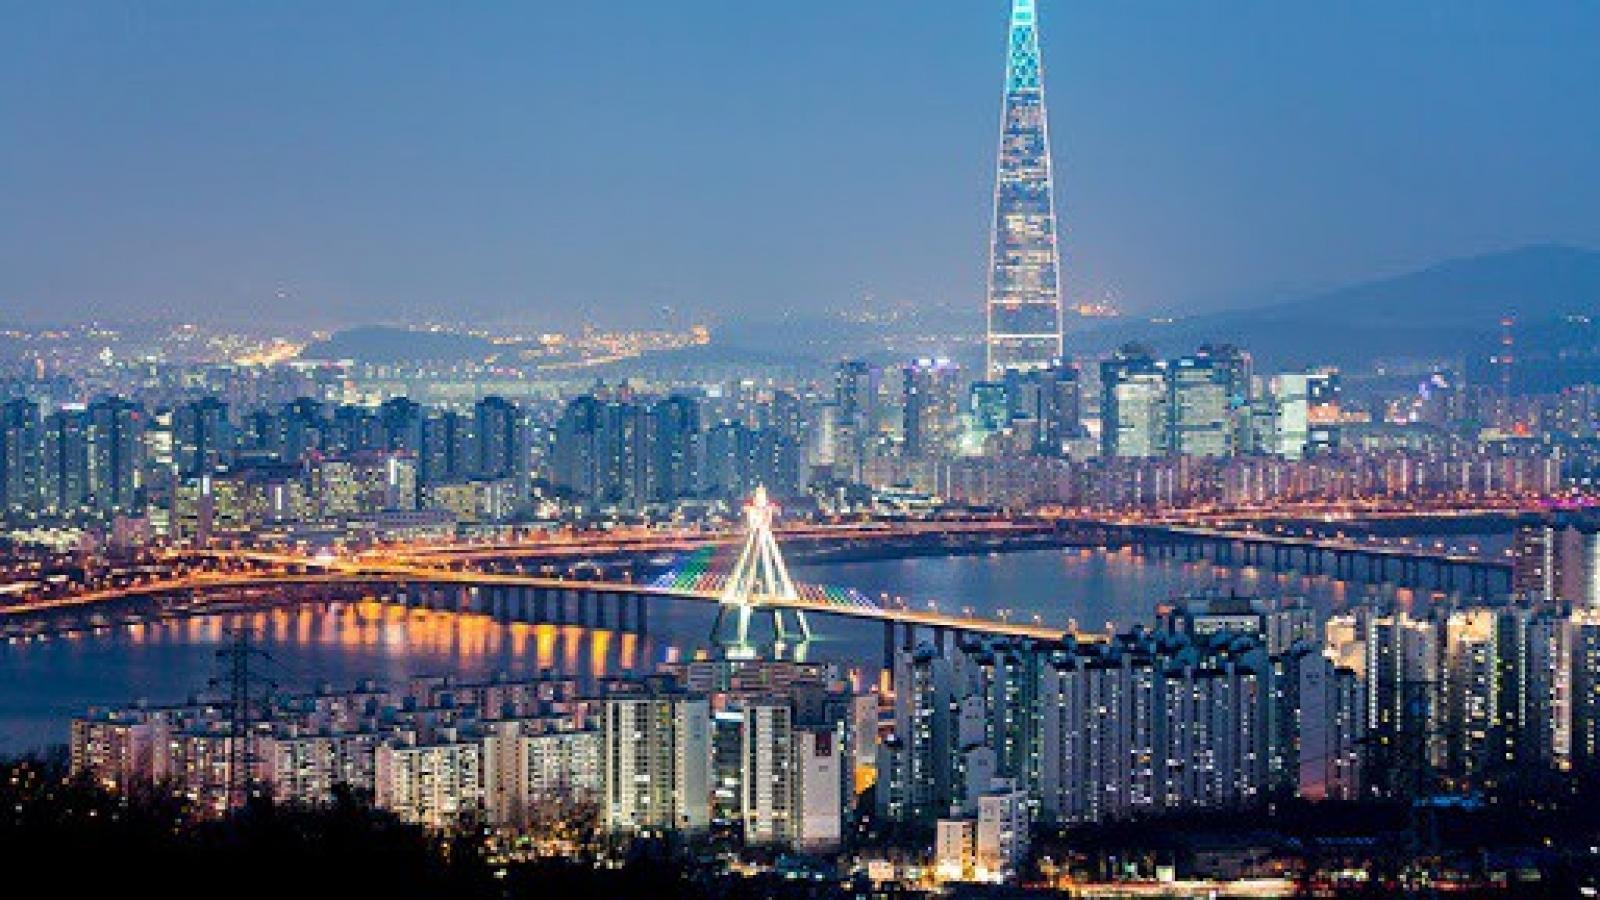 Đảng cầm quyền Hàn Quốc đề xuất di dời thủ đô hành chính khỏi Seoul